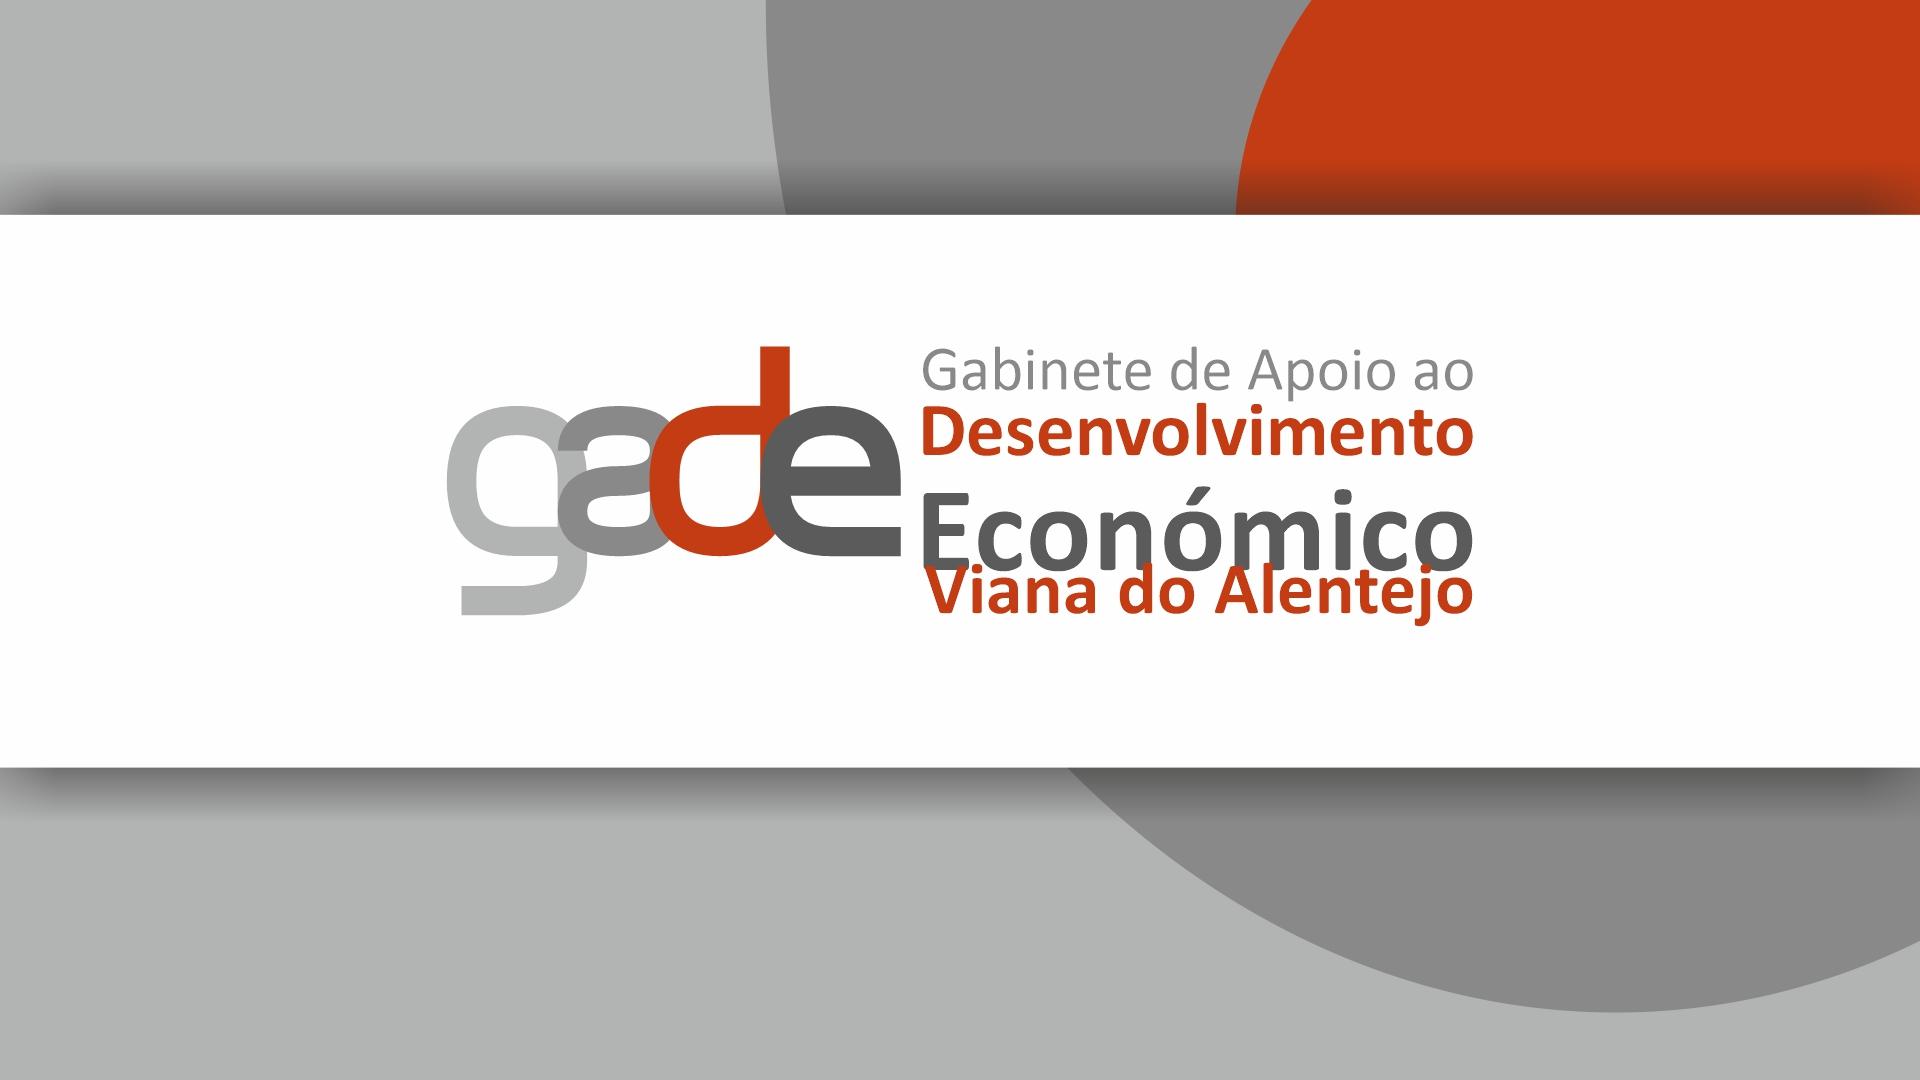 Gabinete de Apoio ao Desenvolvimento Económico foi reativado há 10 anos